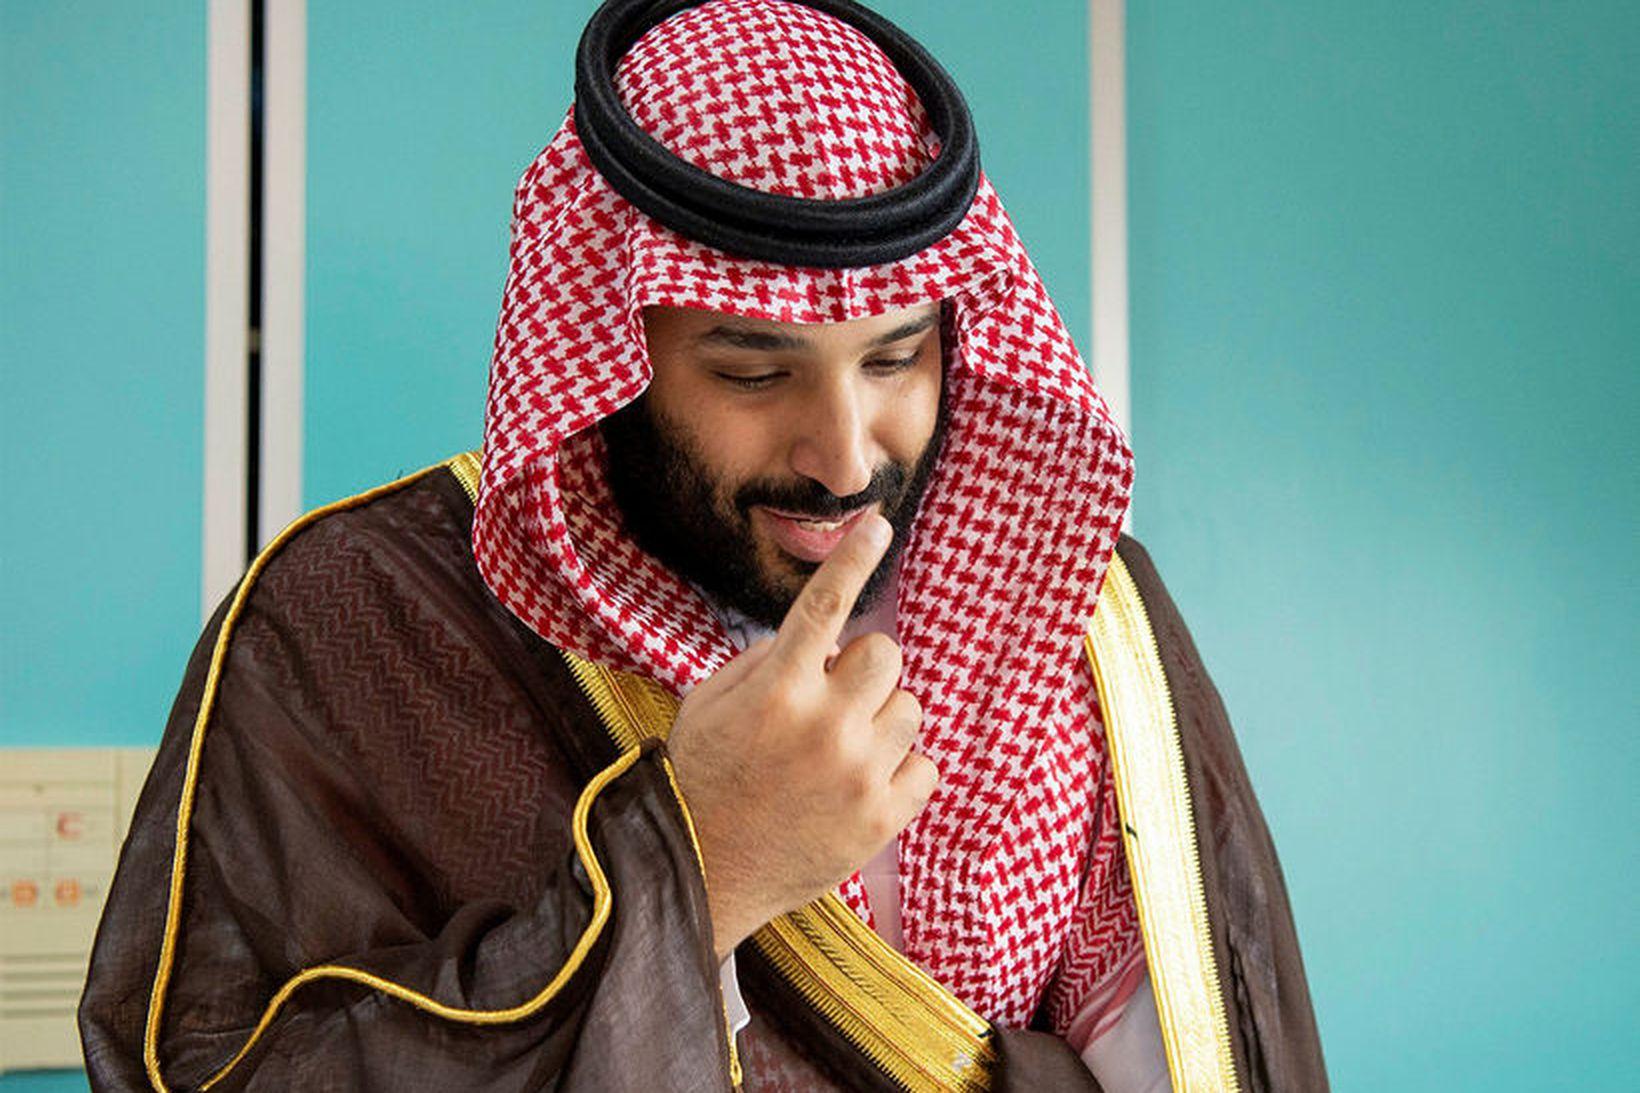 Salman krónrpins Sádi-Arabíu.